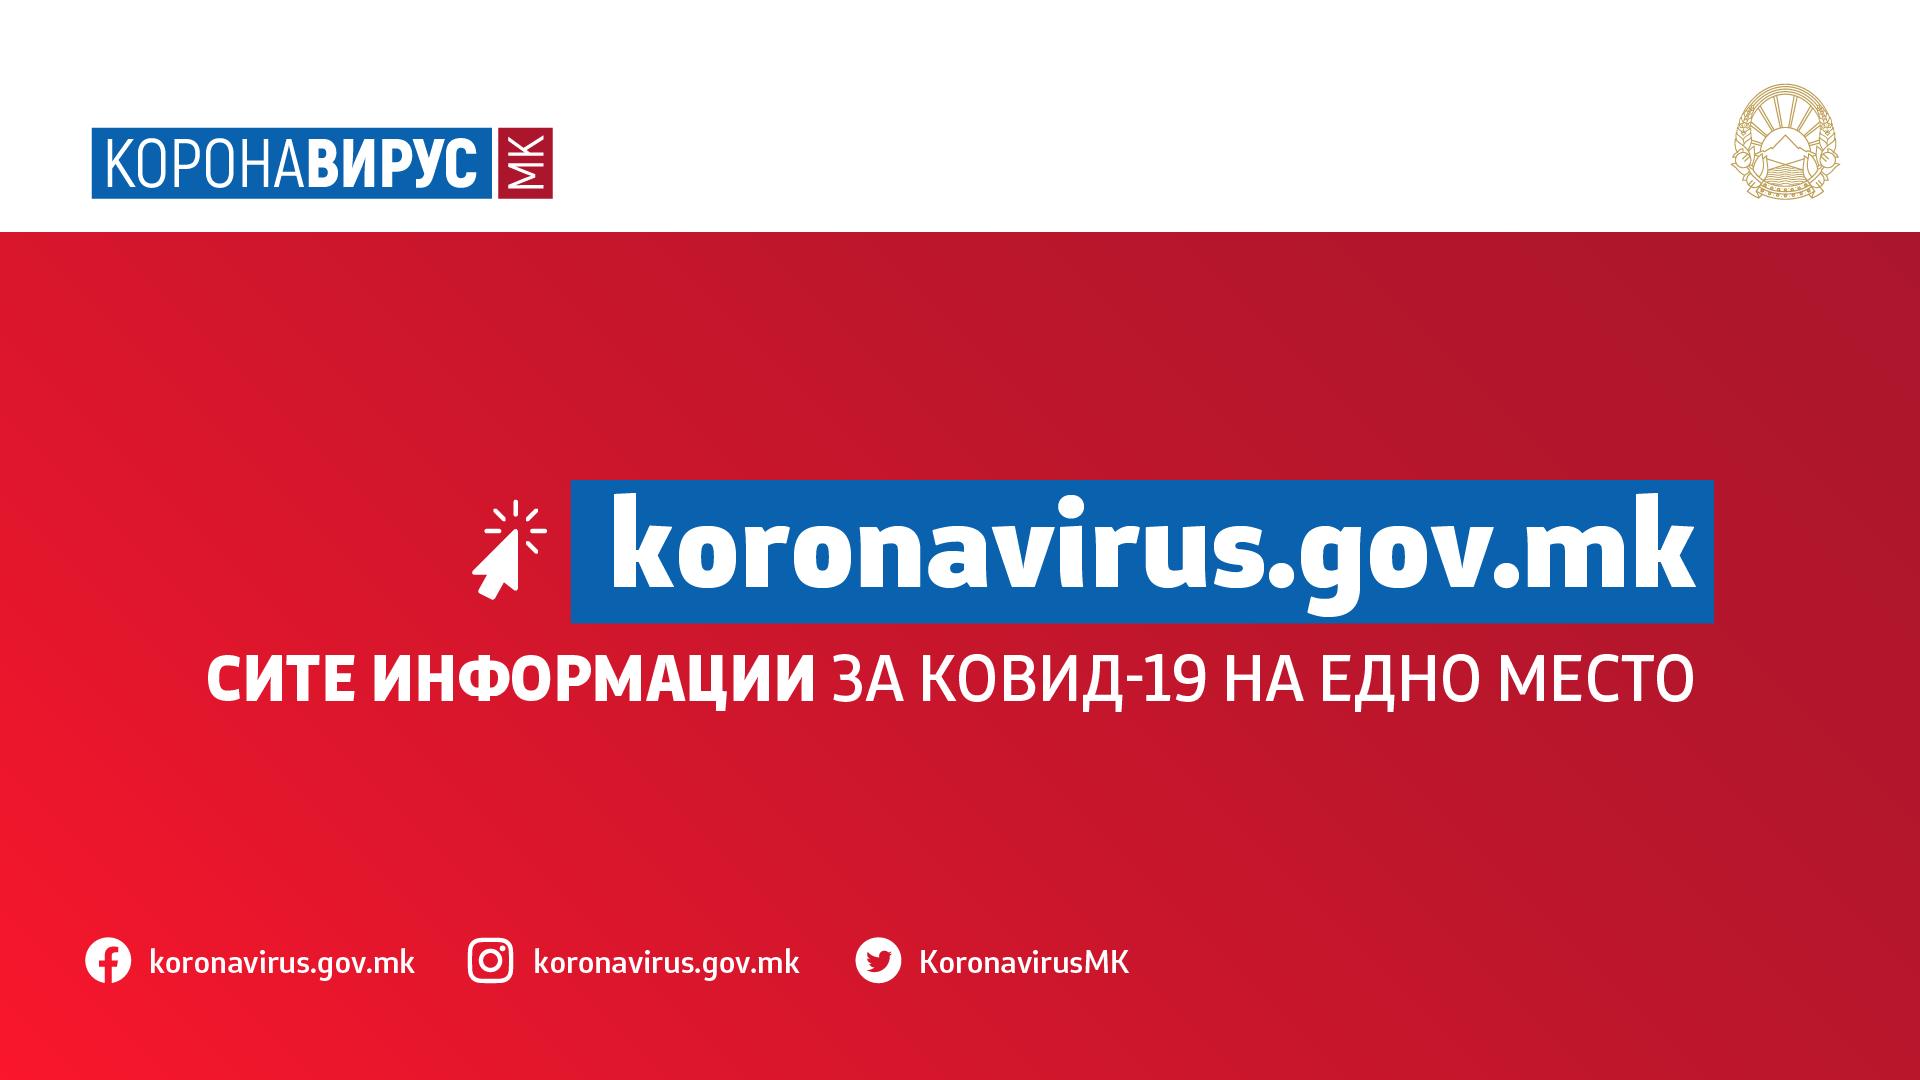 Линк до официјална вебстрана за коронавирус во РСМ